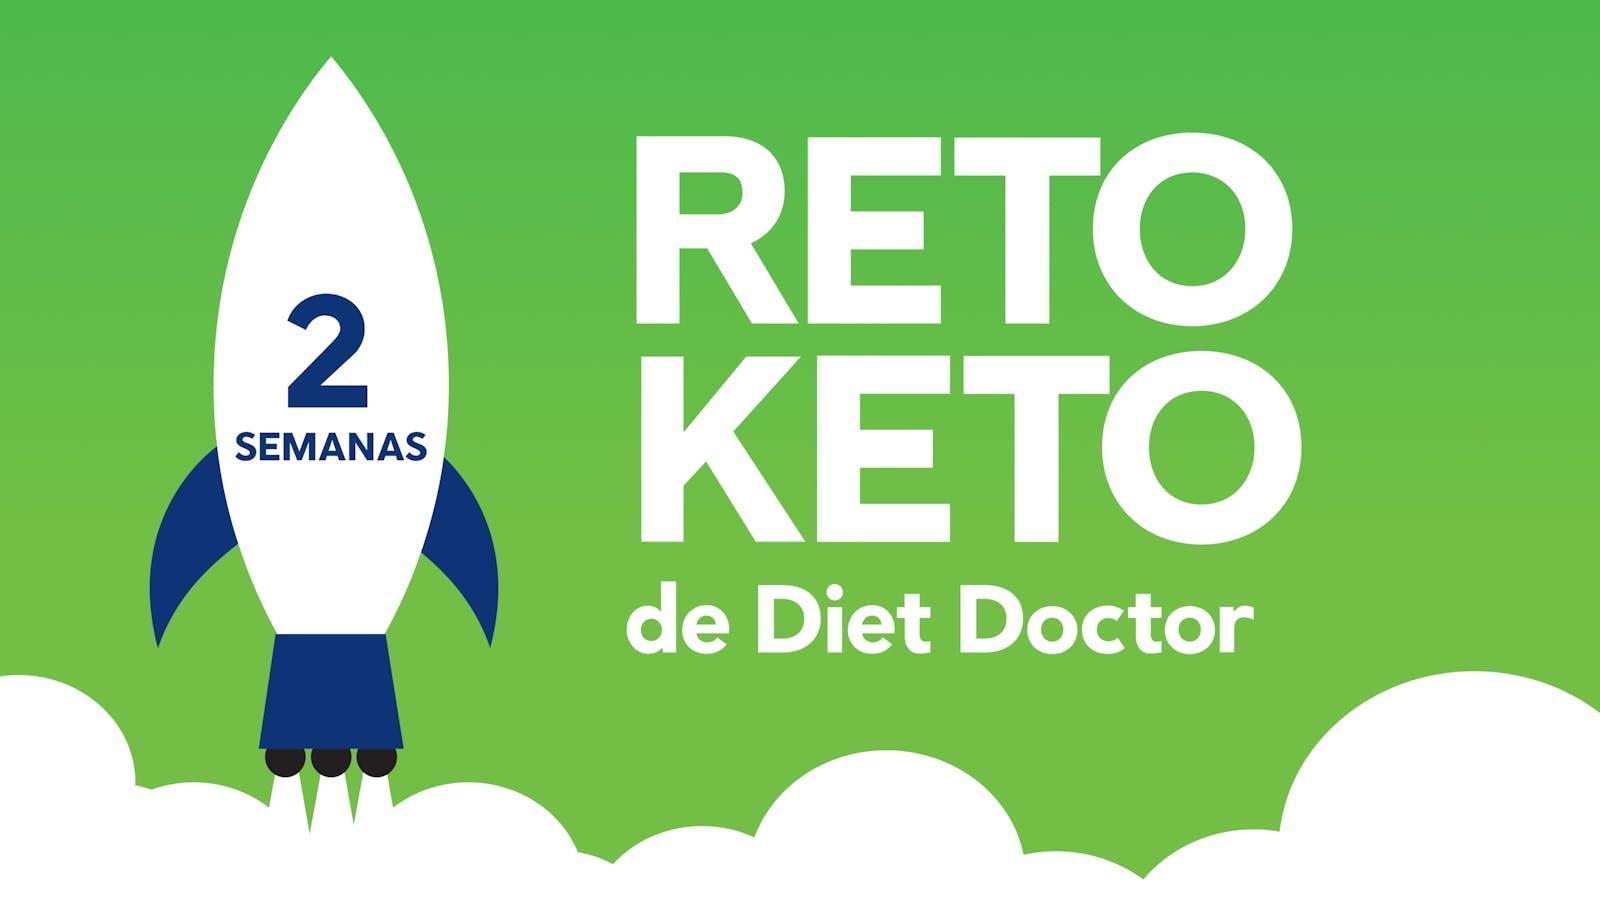 Cum sa incep dieta ketogenica? - Blog